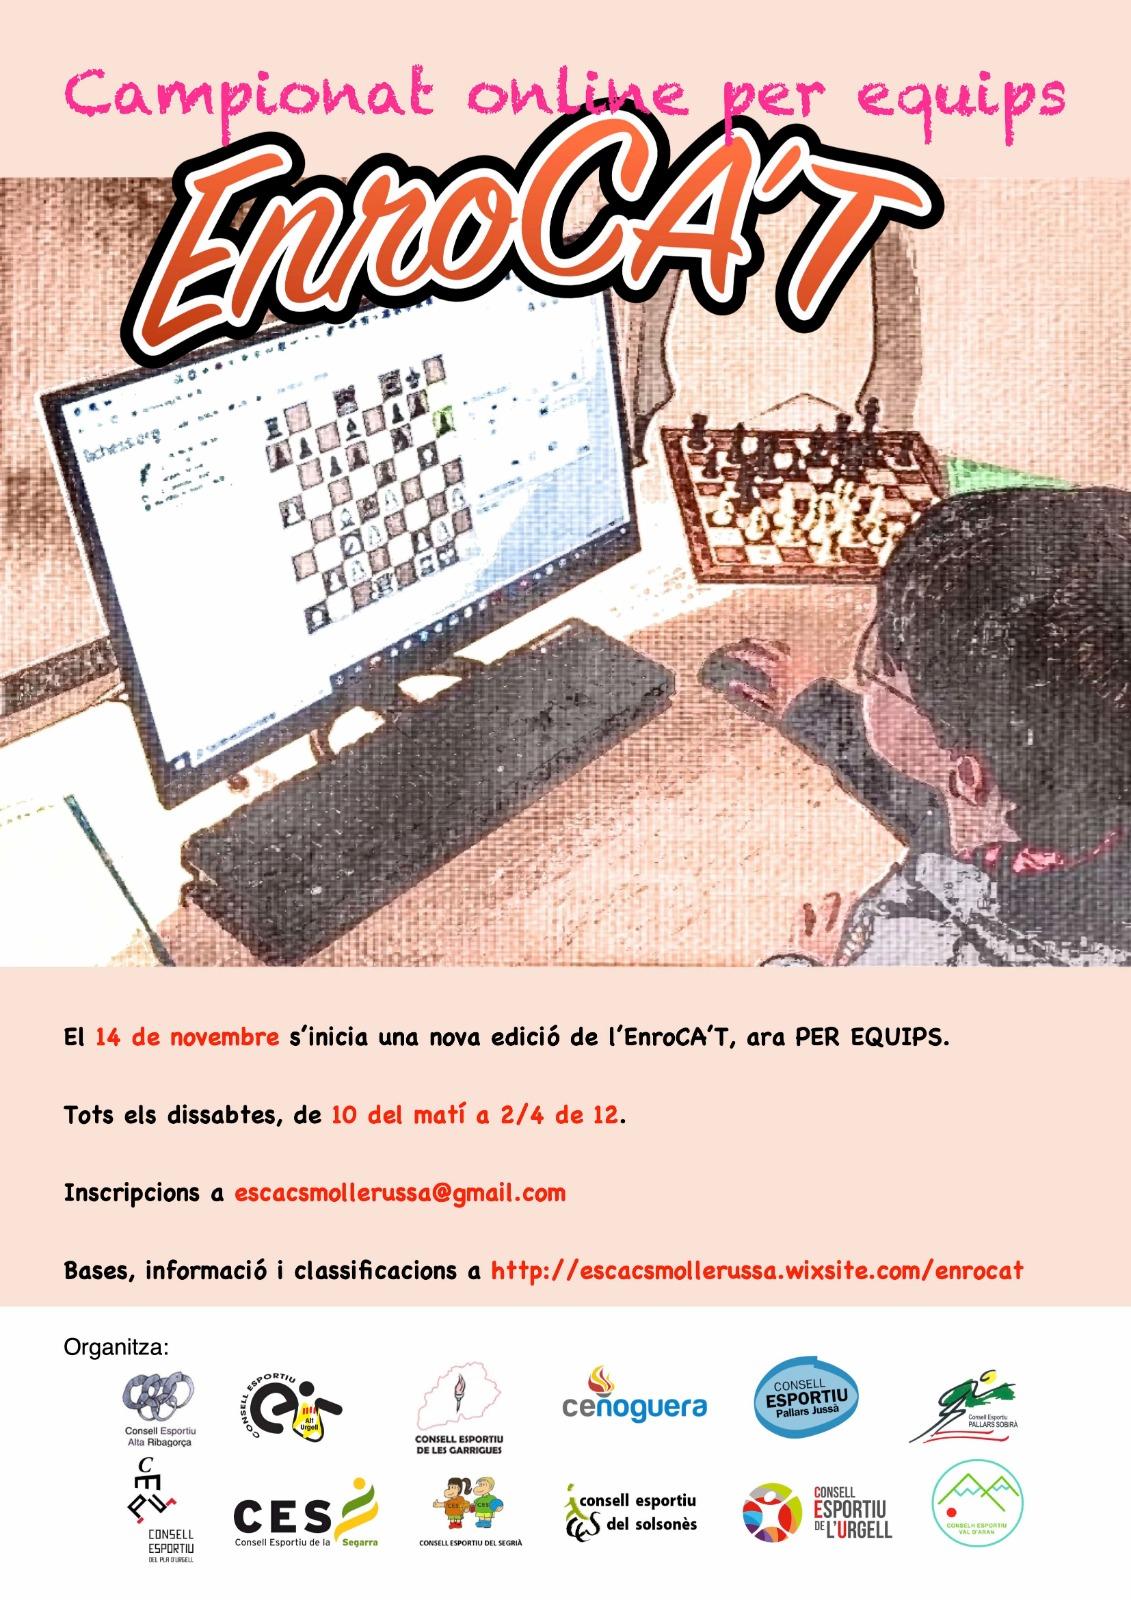 Campionat d'escacs online per equips